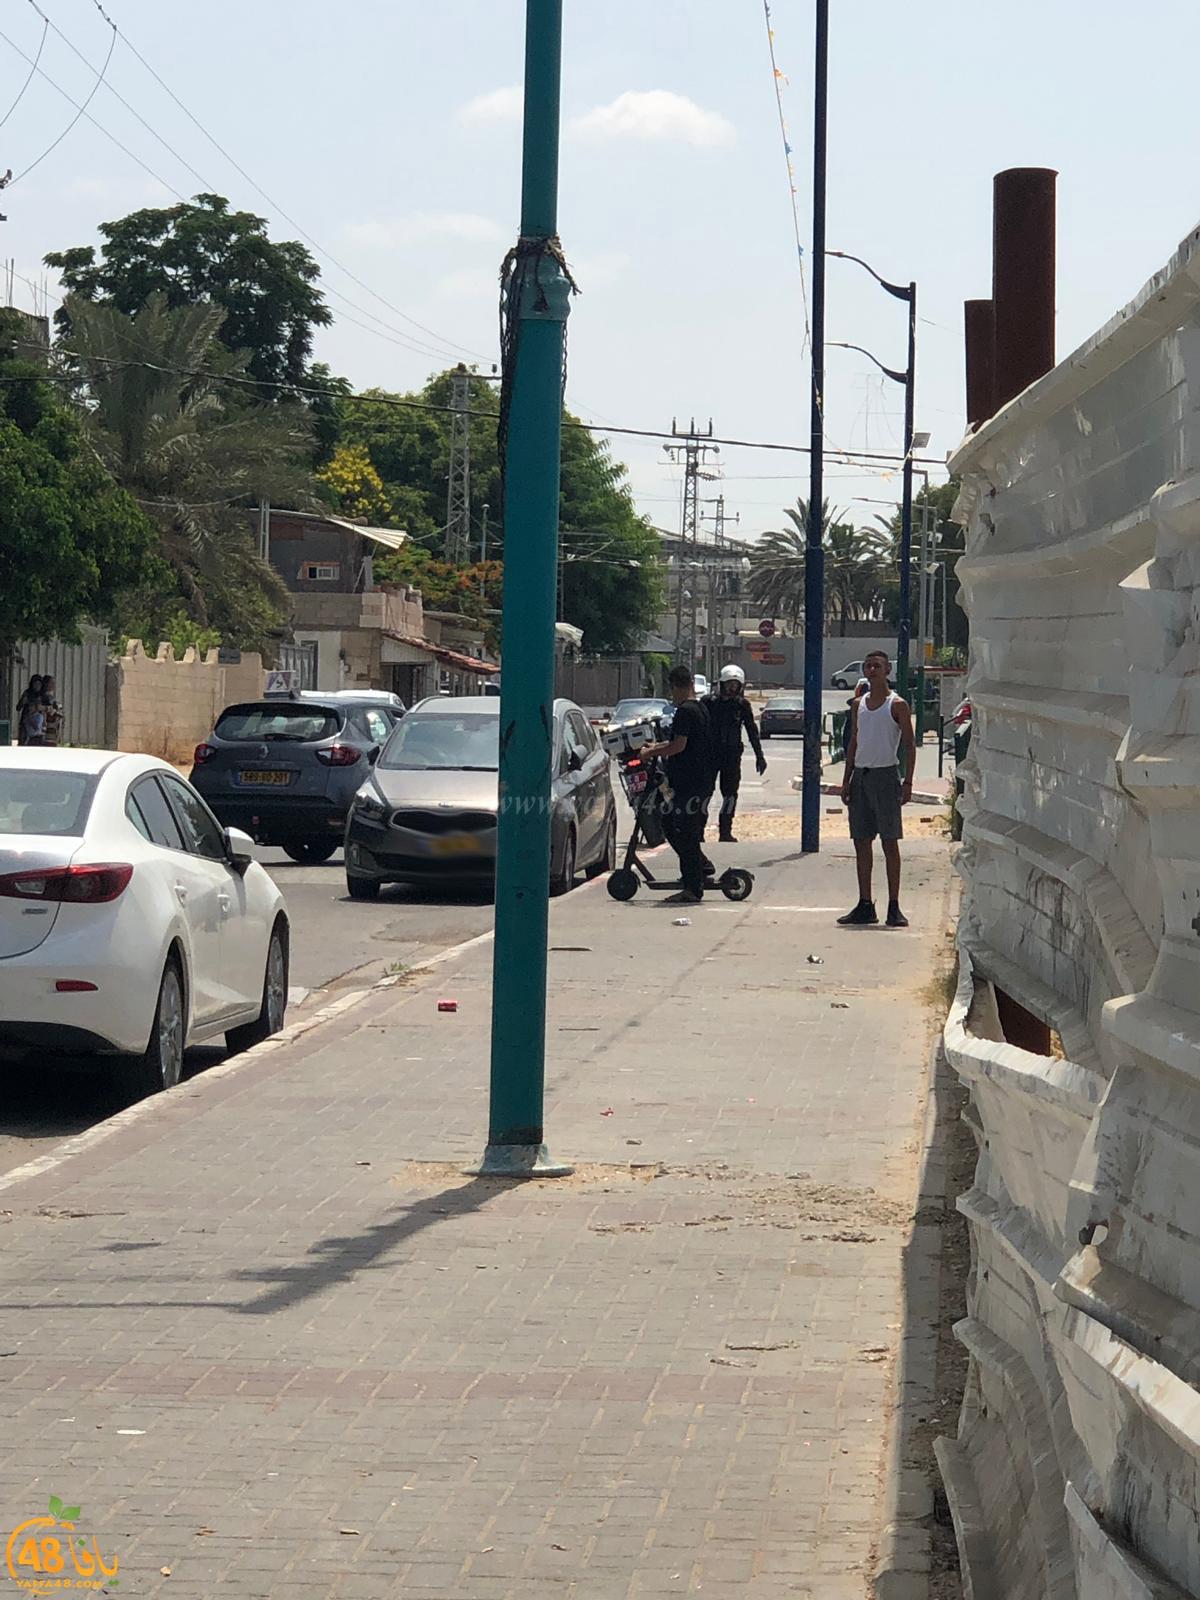 حالة استنفار لشرطة السير في مدينتي اللد والرملة ودعوات للالتزام بقوانين السير